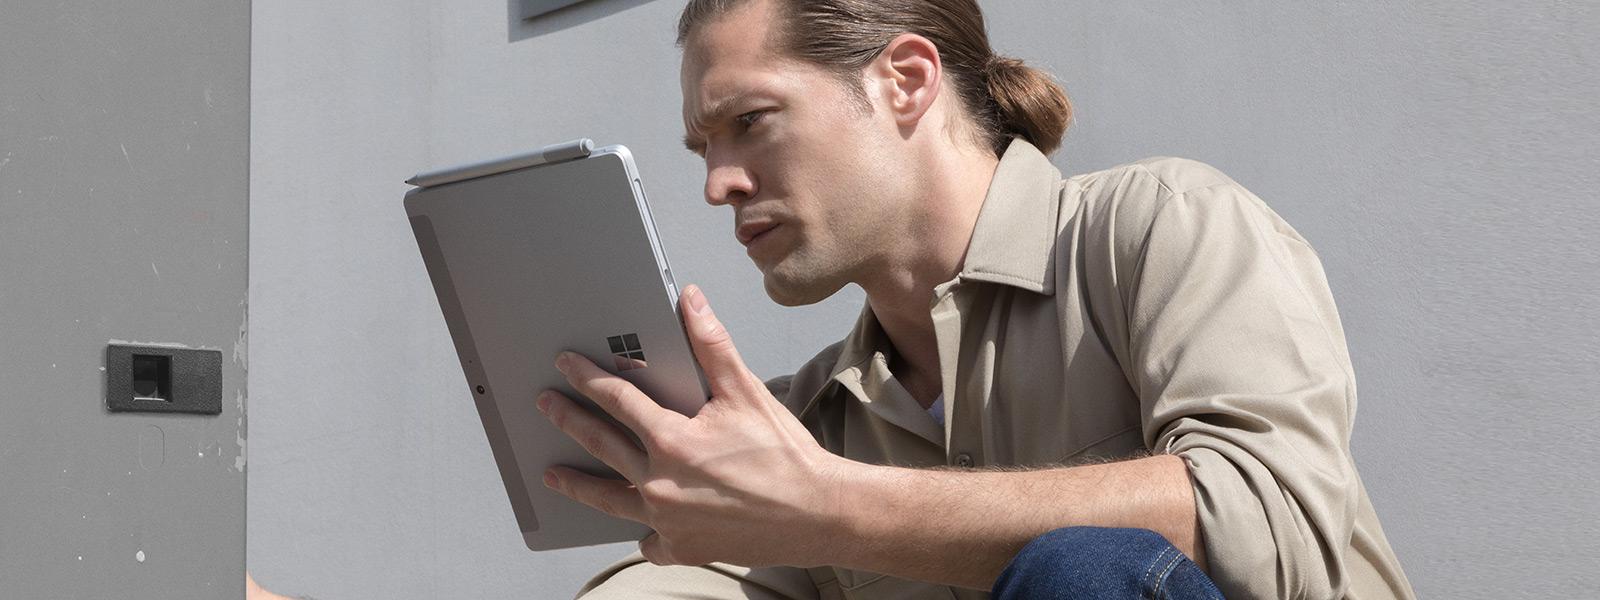 Ein mobiler Arbeiter verwendet Surface Go mit LTE im Tablet-Modus